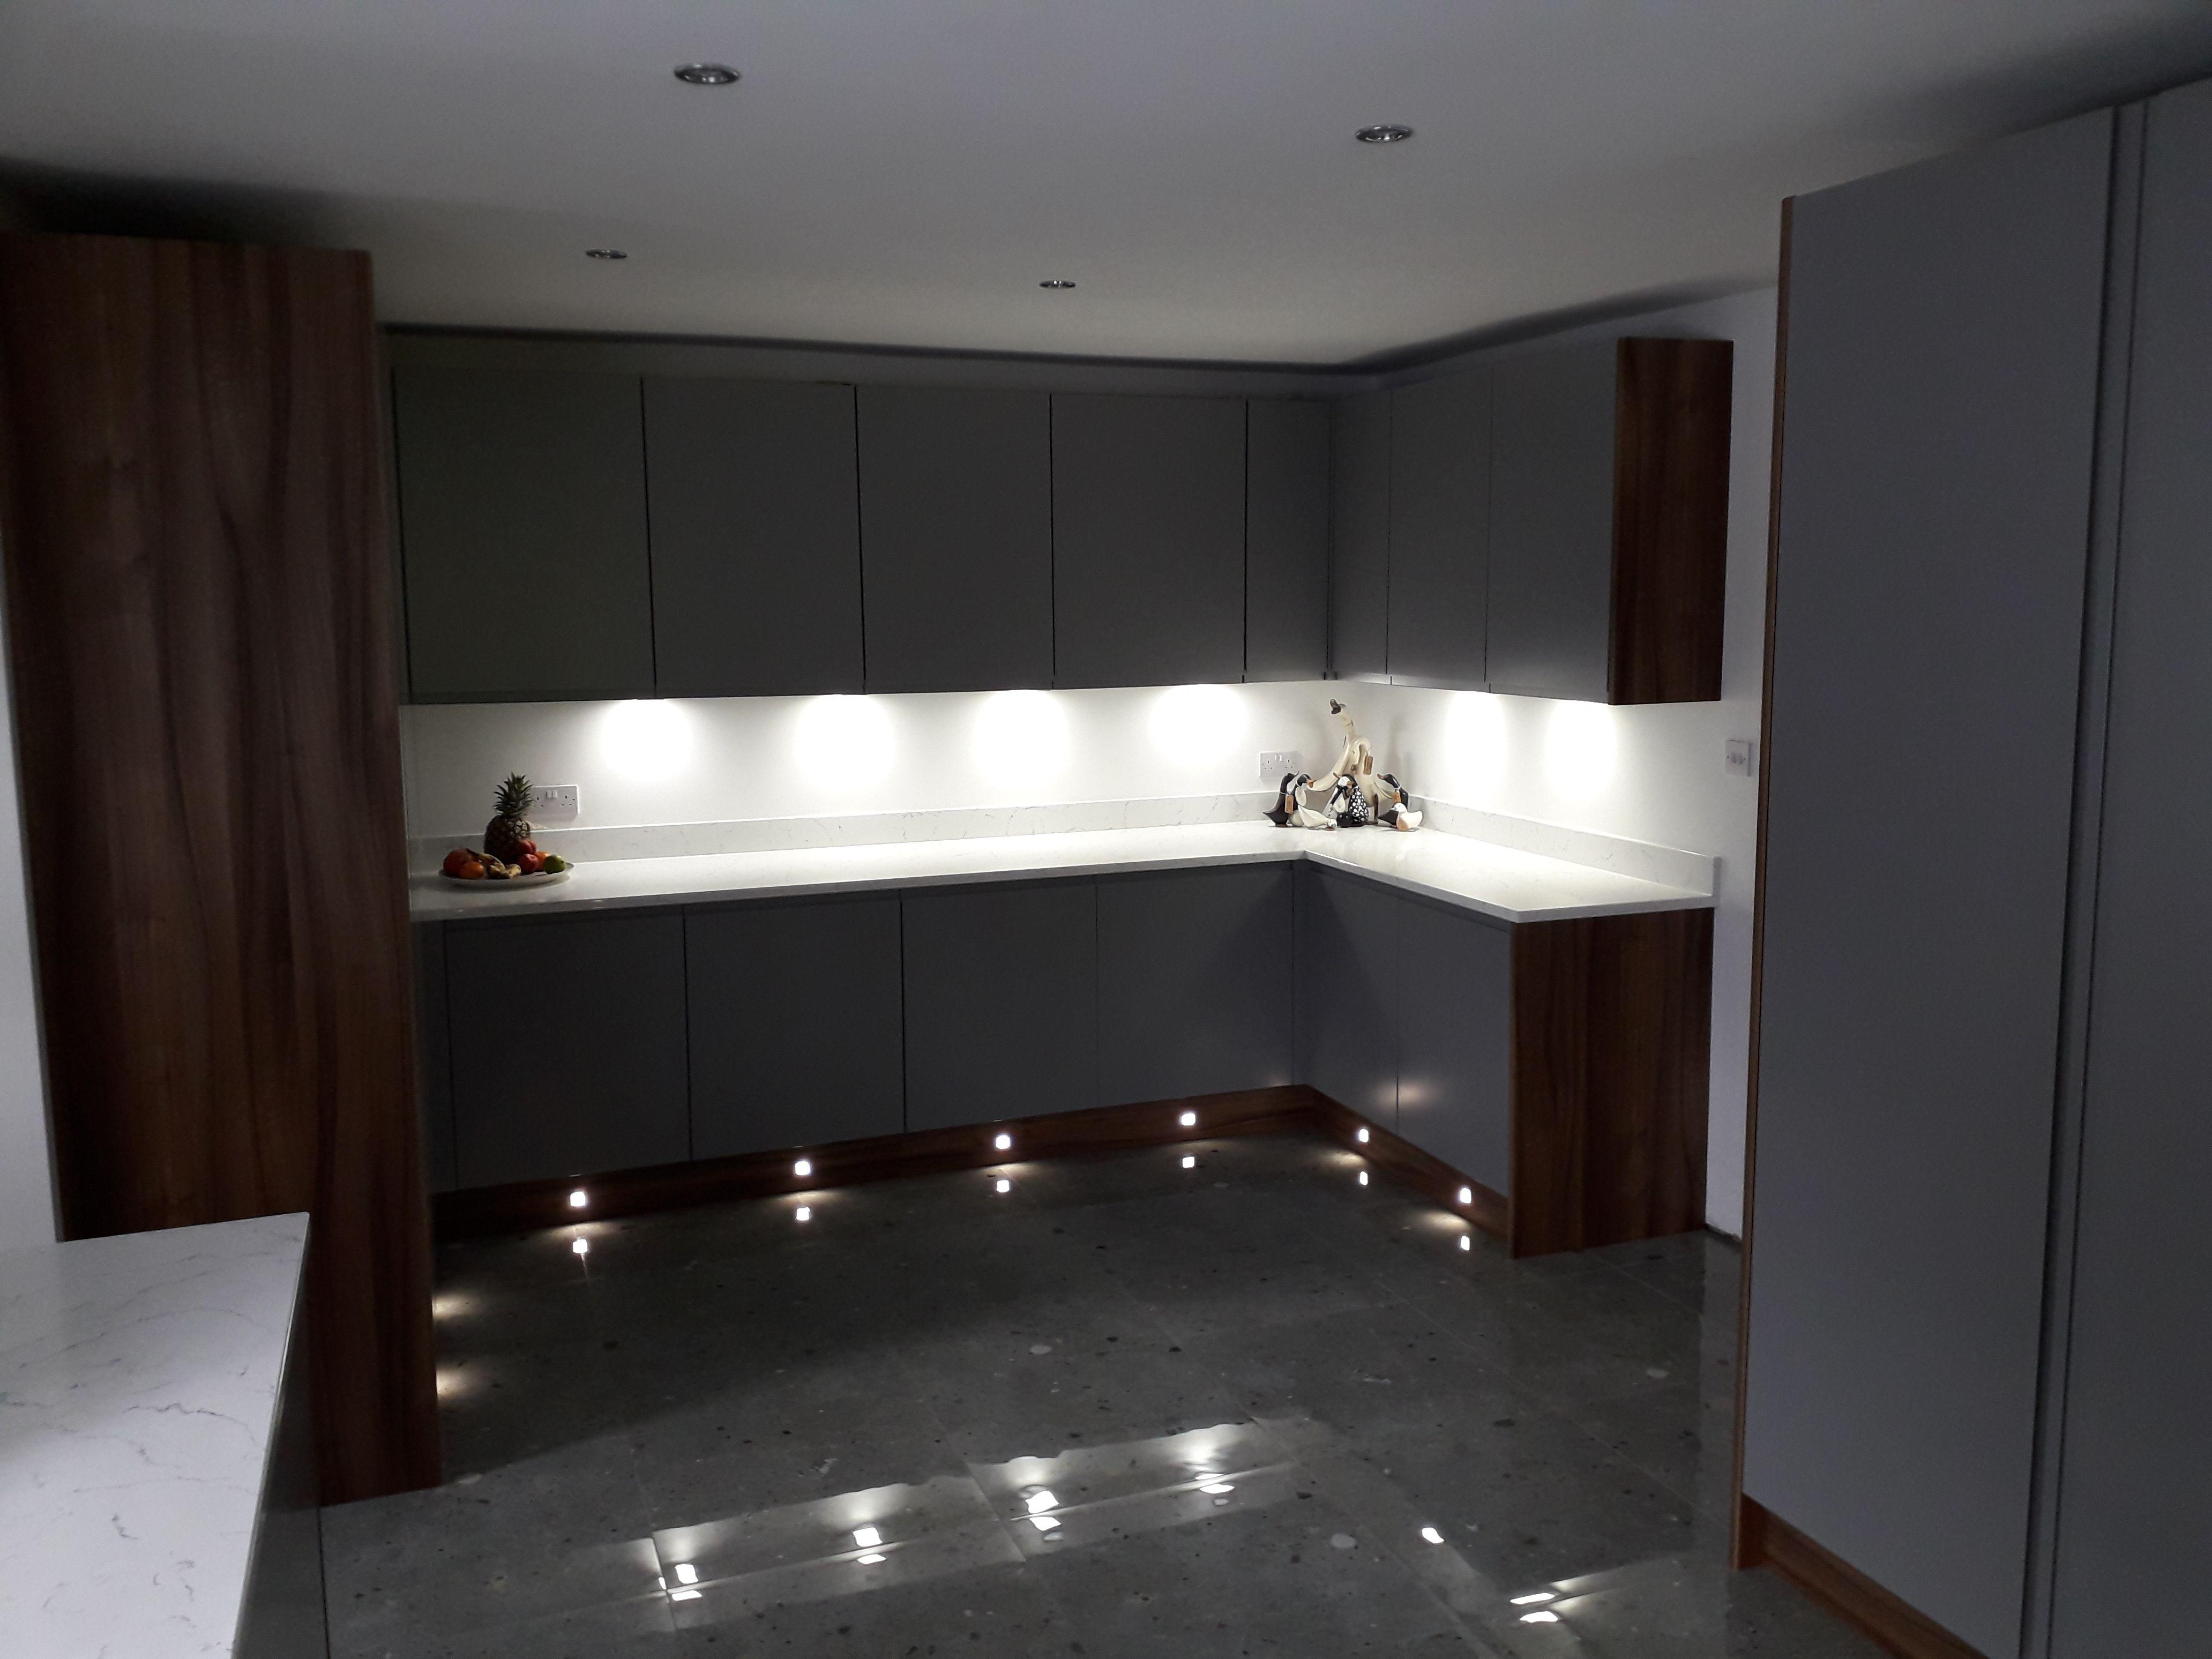 Hytal Kitchens Ltd Kitchens Leeds, Wakefield, West